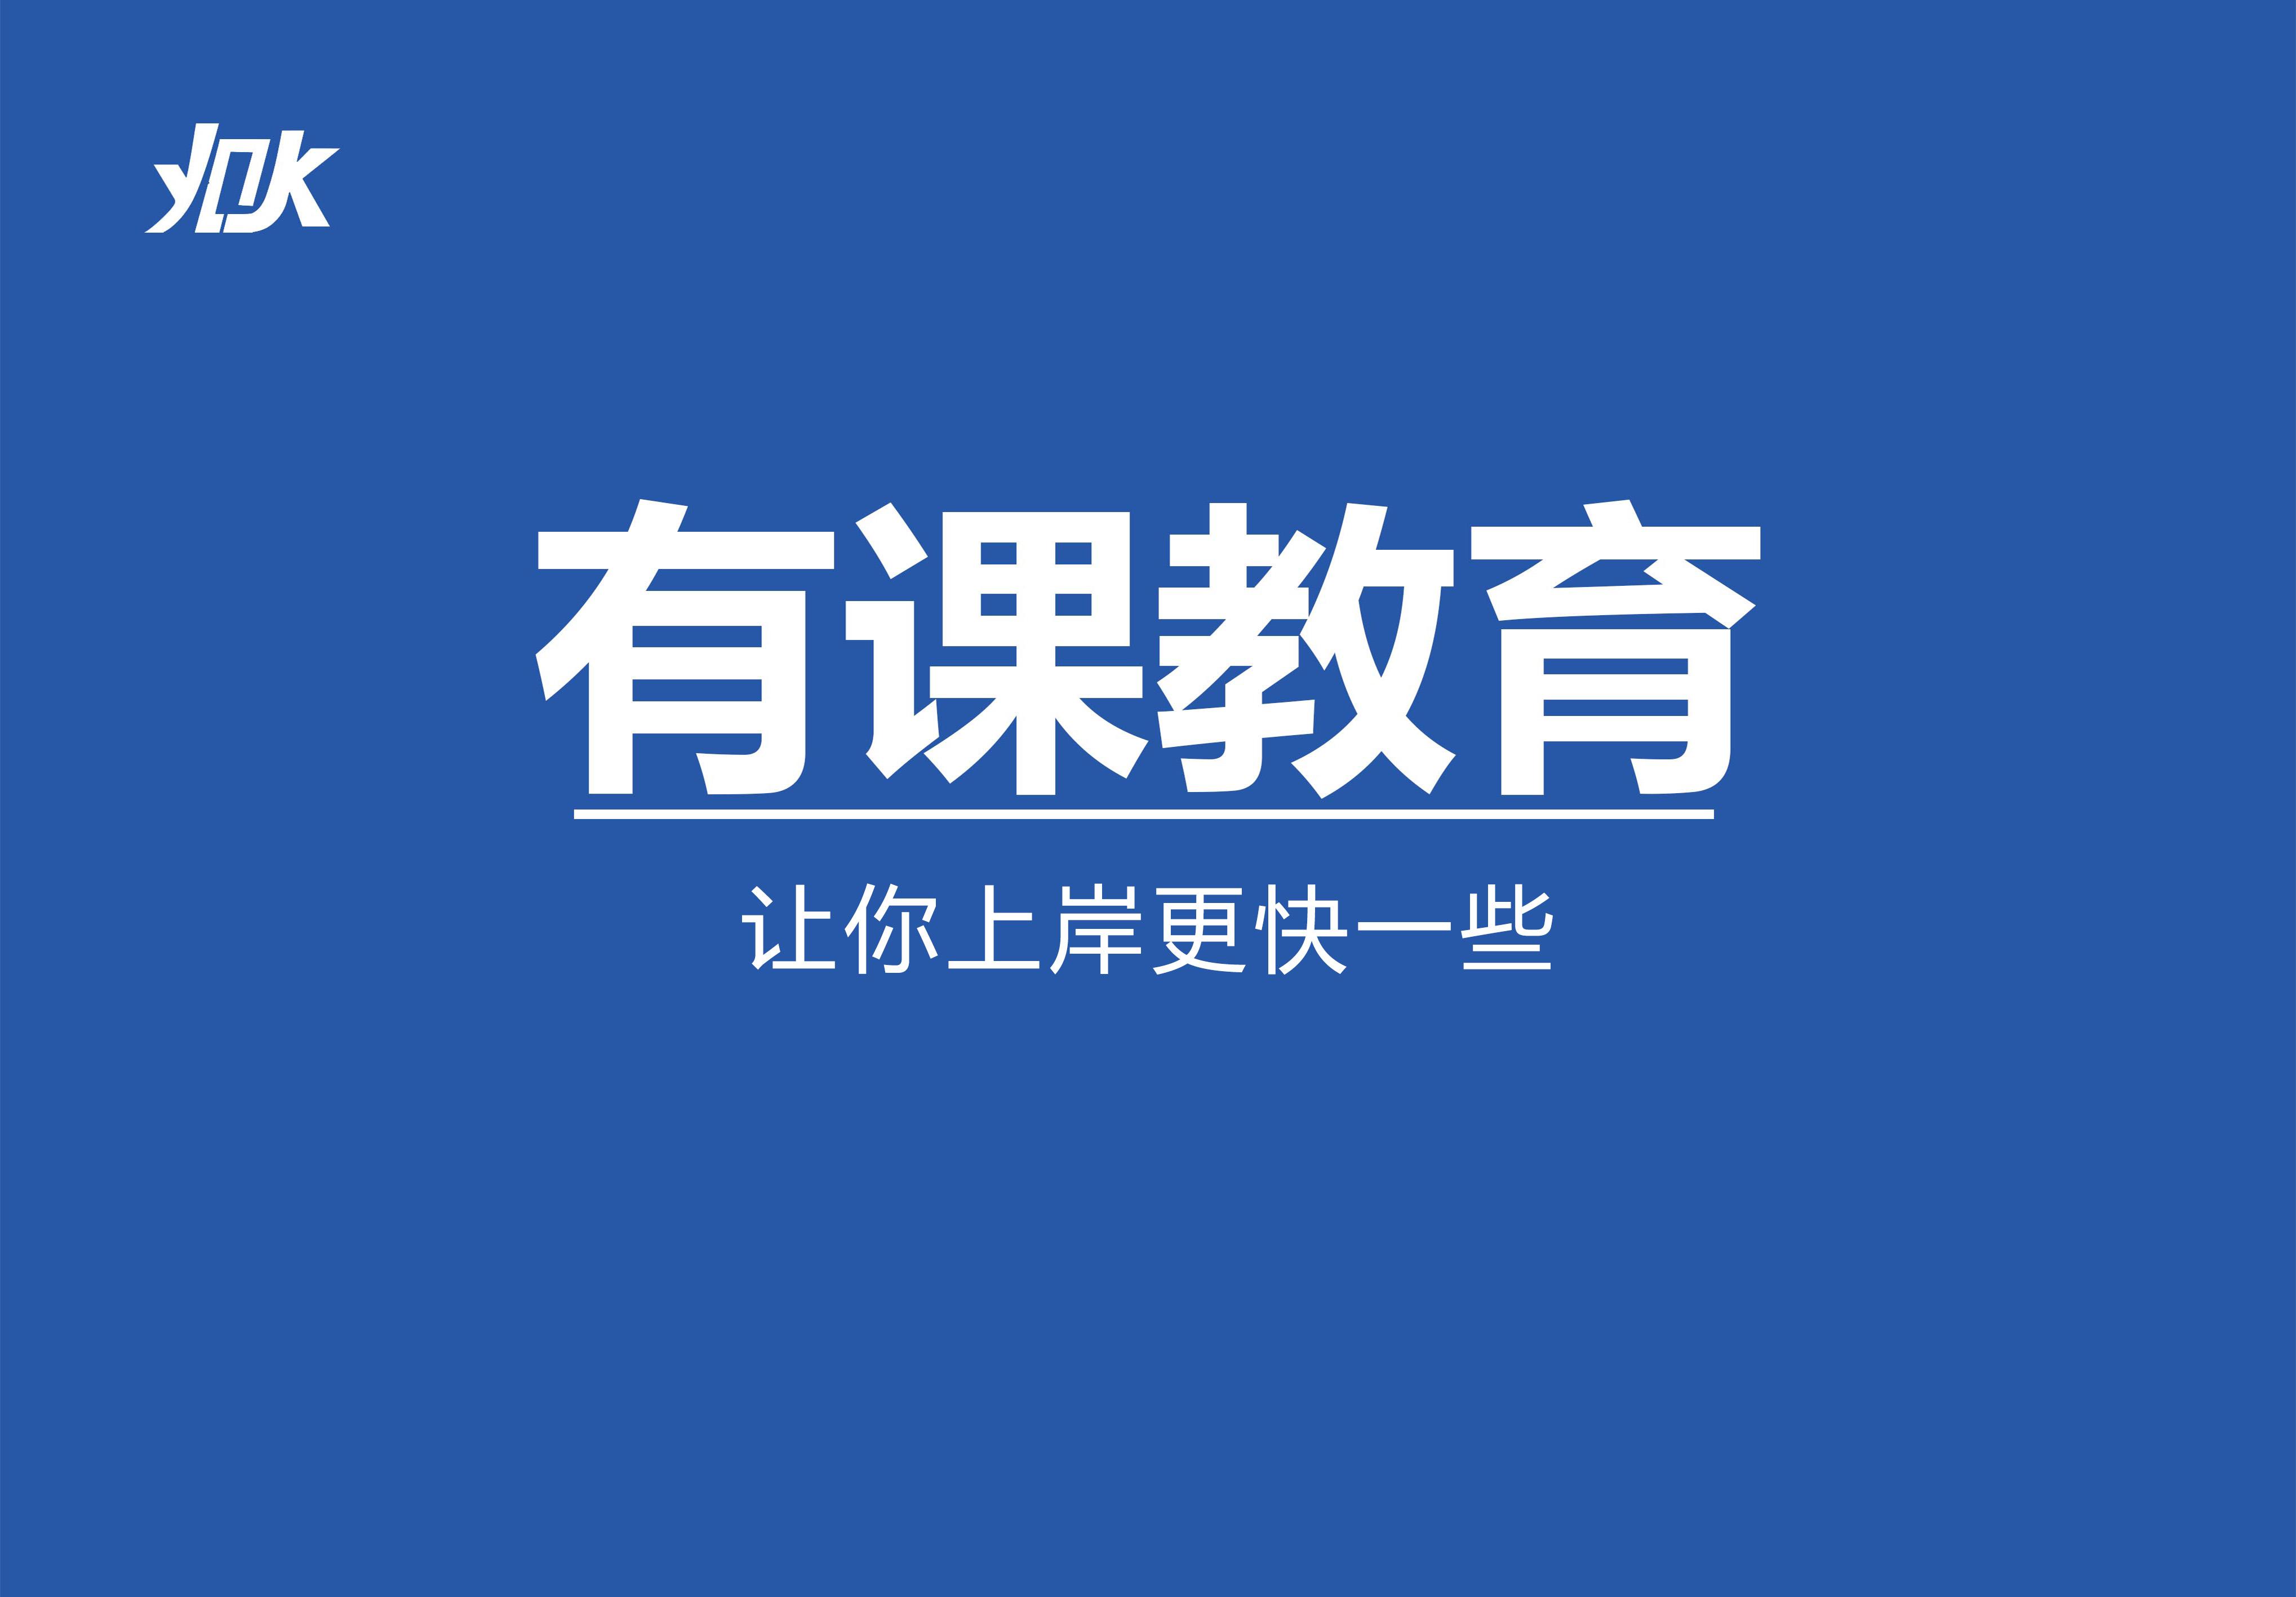 """2019山西省直事业单位面试热点预测---纠正""""乱断西瓜案""""维护执法公正"""